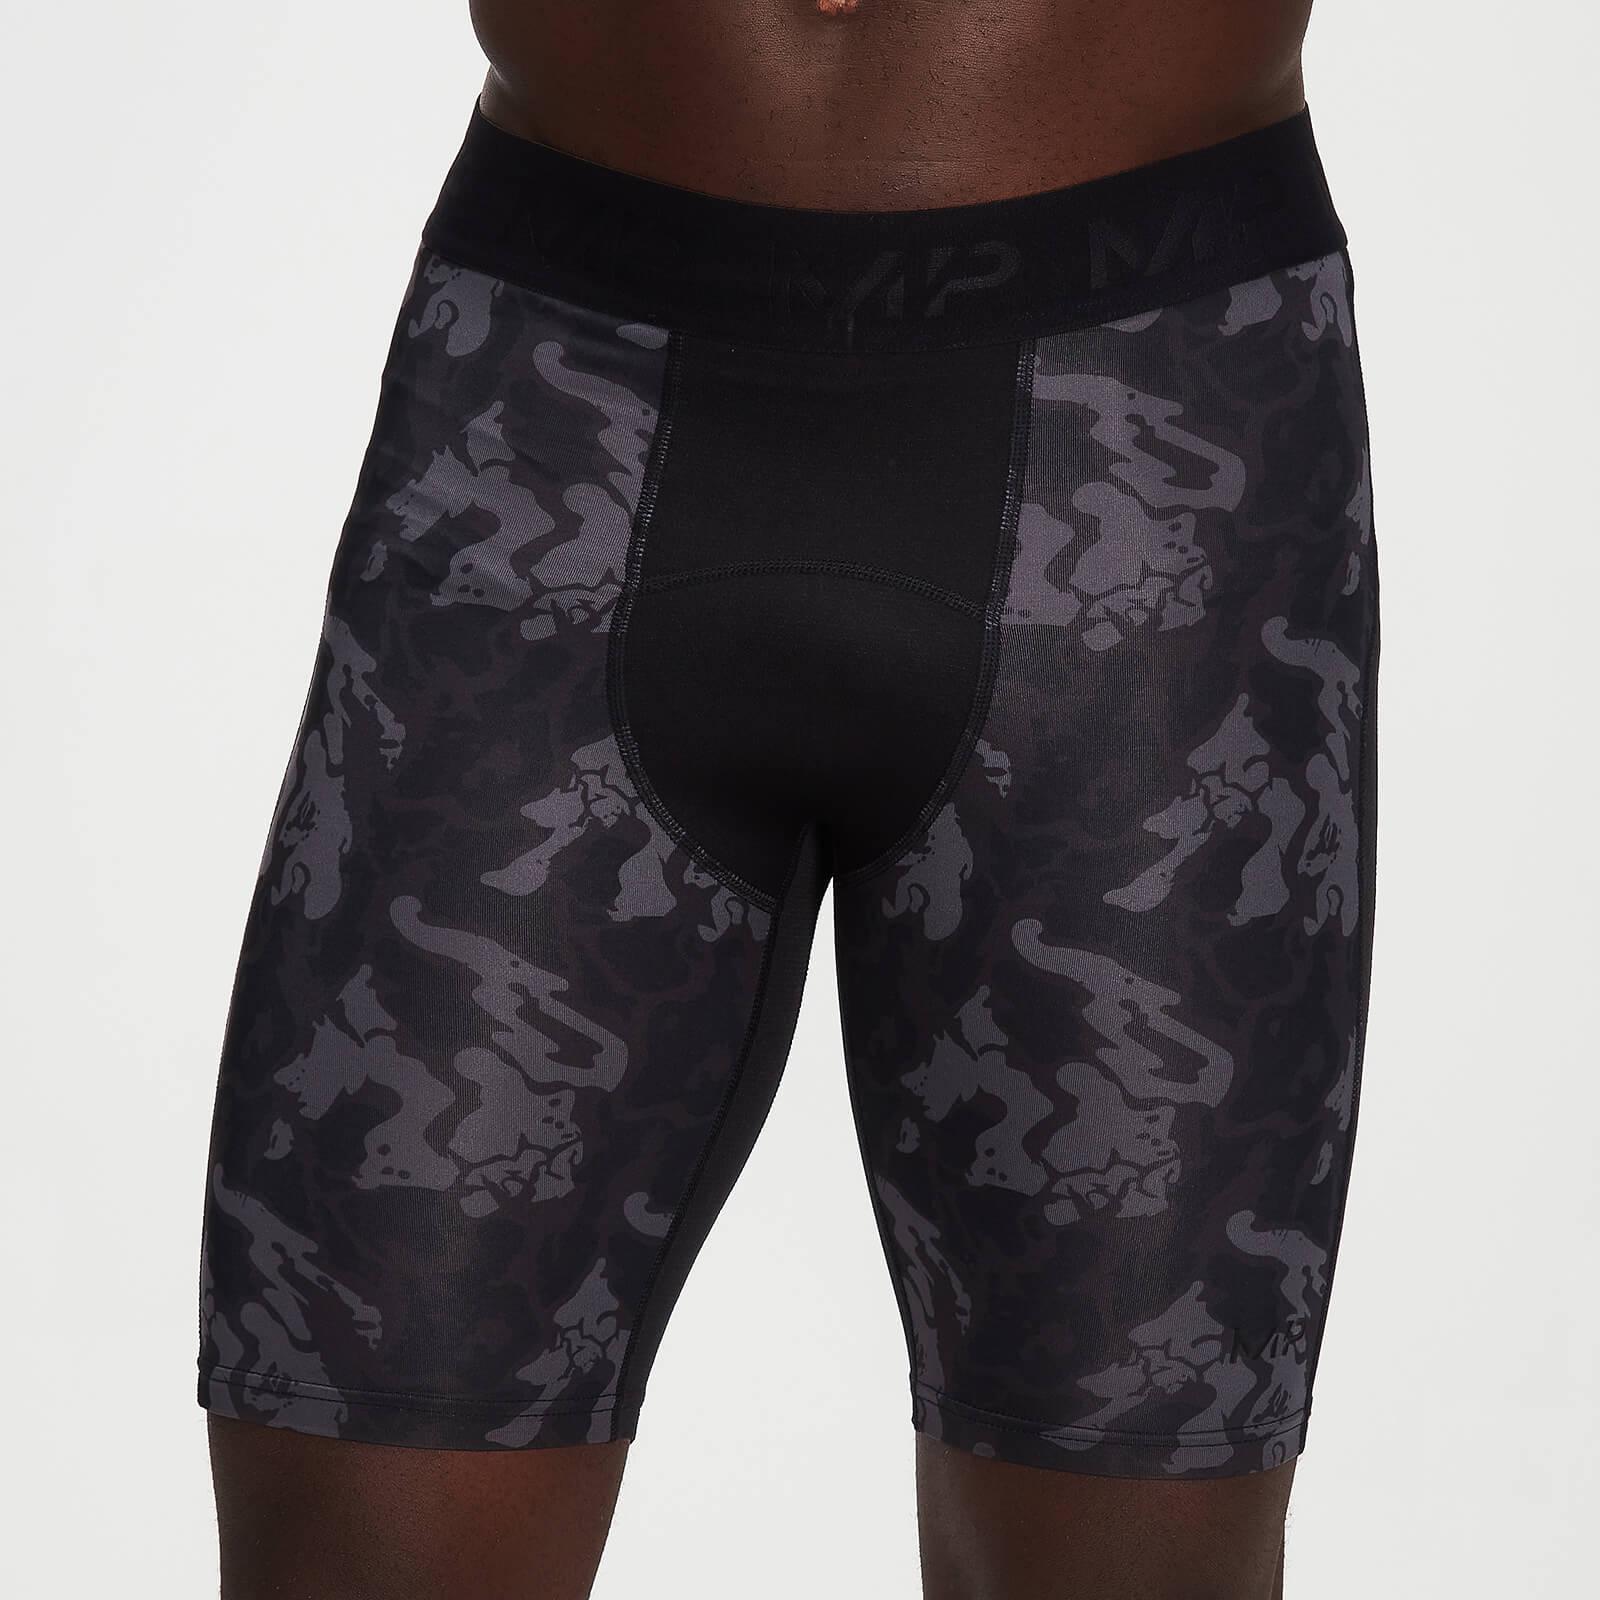 Компрессионные камуфляжные мужские шорты MP Adapt - XXS, Myprotein International  - купить со скидкой